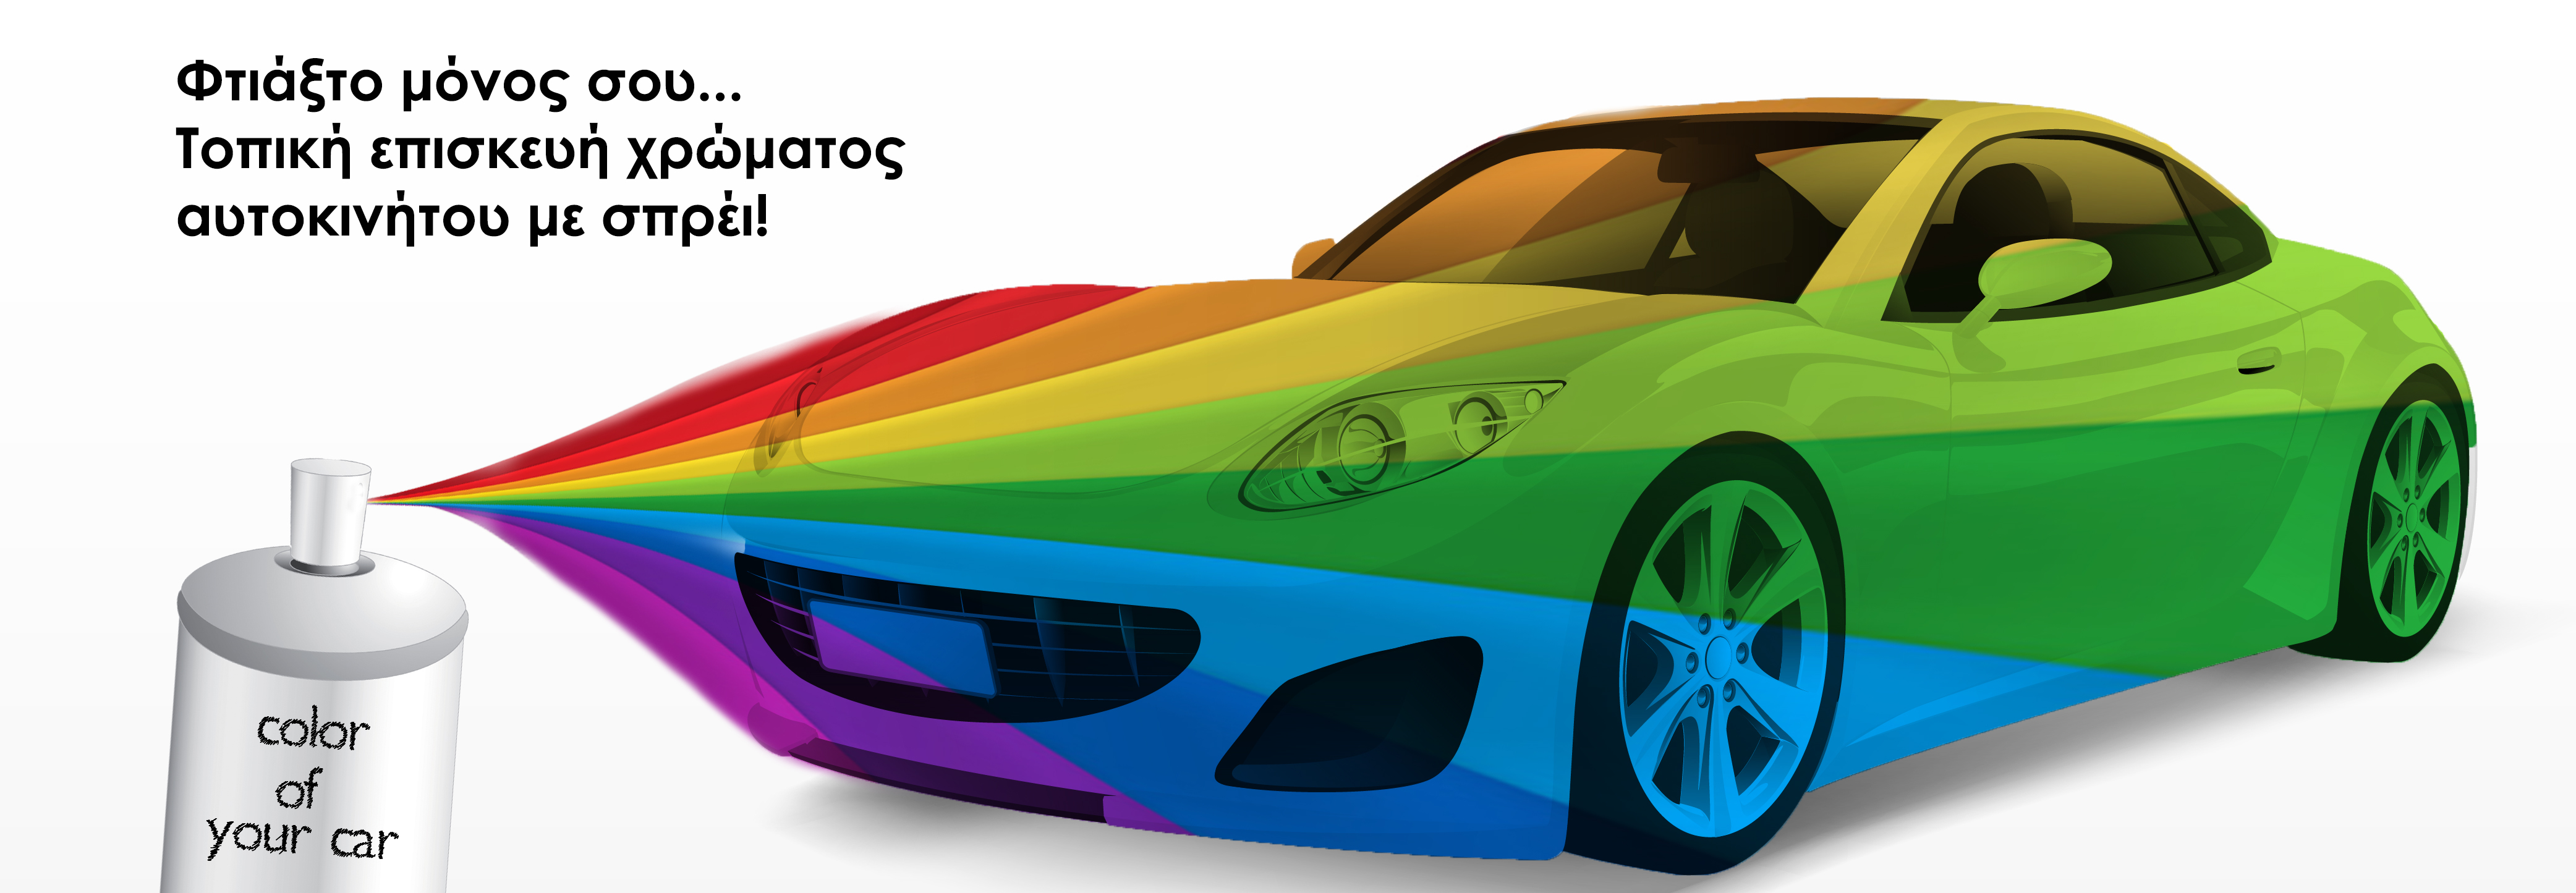 Τοπική επισκευή χρώματος αυτοκινήτου με σπρέι!